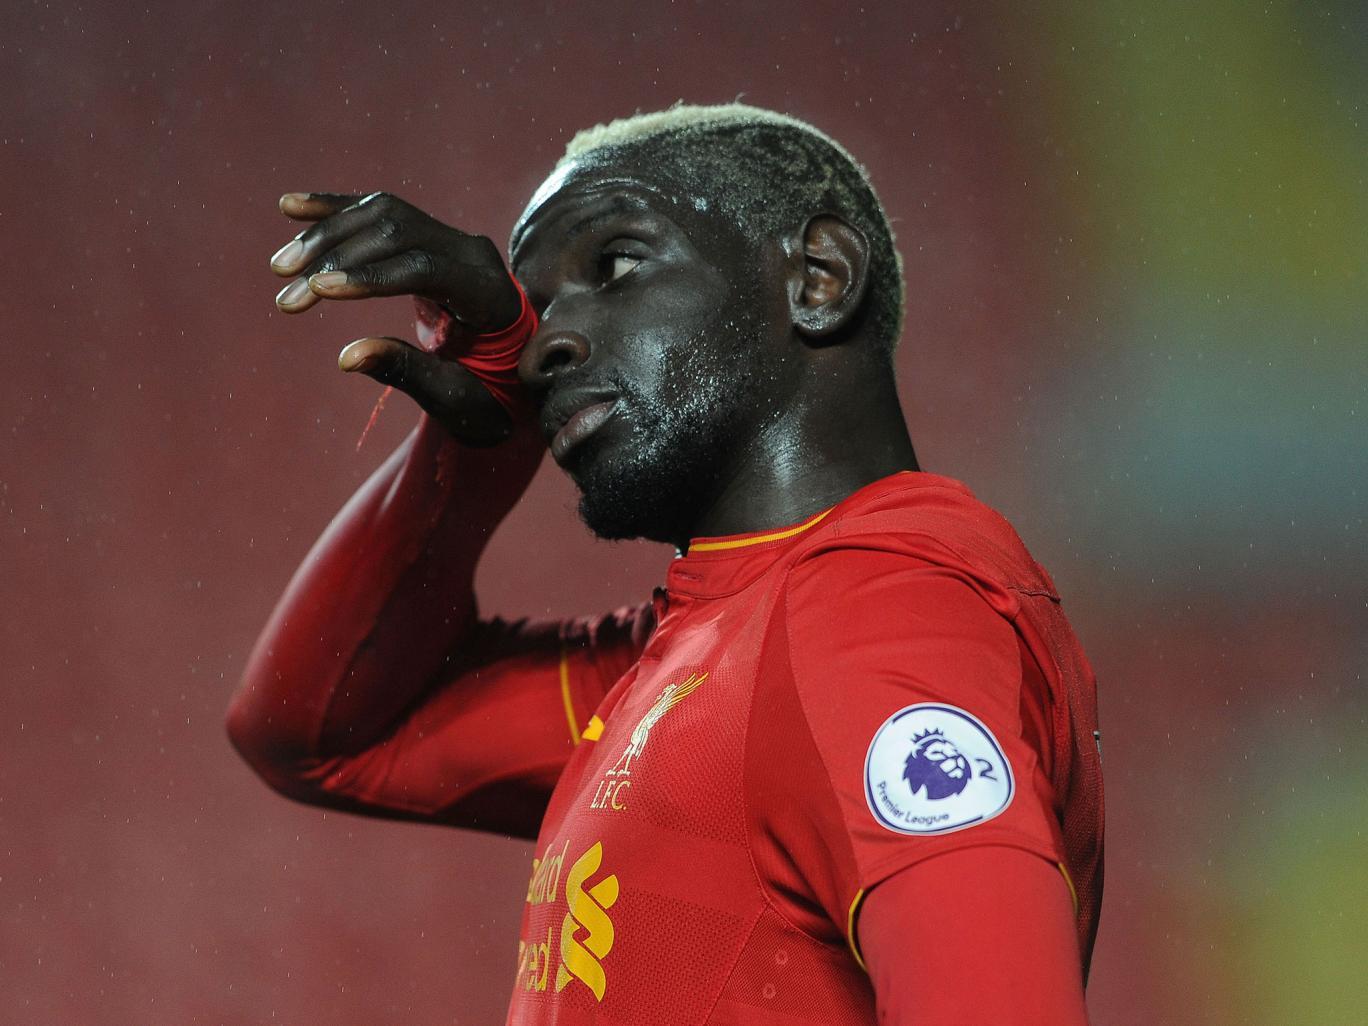 Chuyển động ở Liverpool: Nhắm cùng lúc 2 ngôi sao châu Phi, Sakho chưa thể đi - Bóng Đá